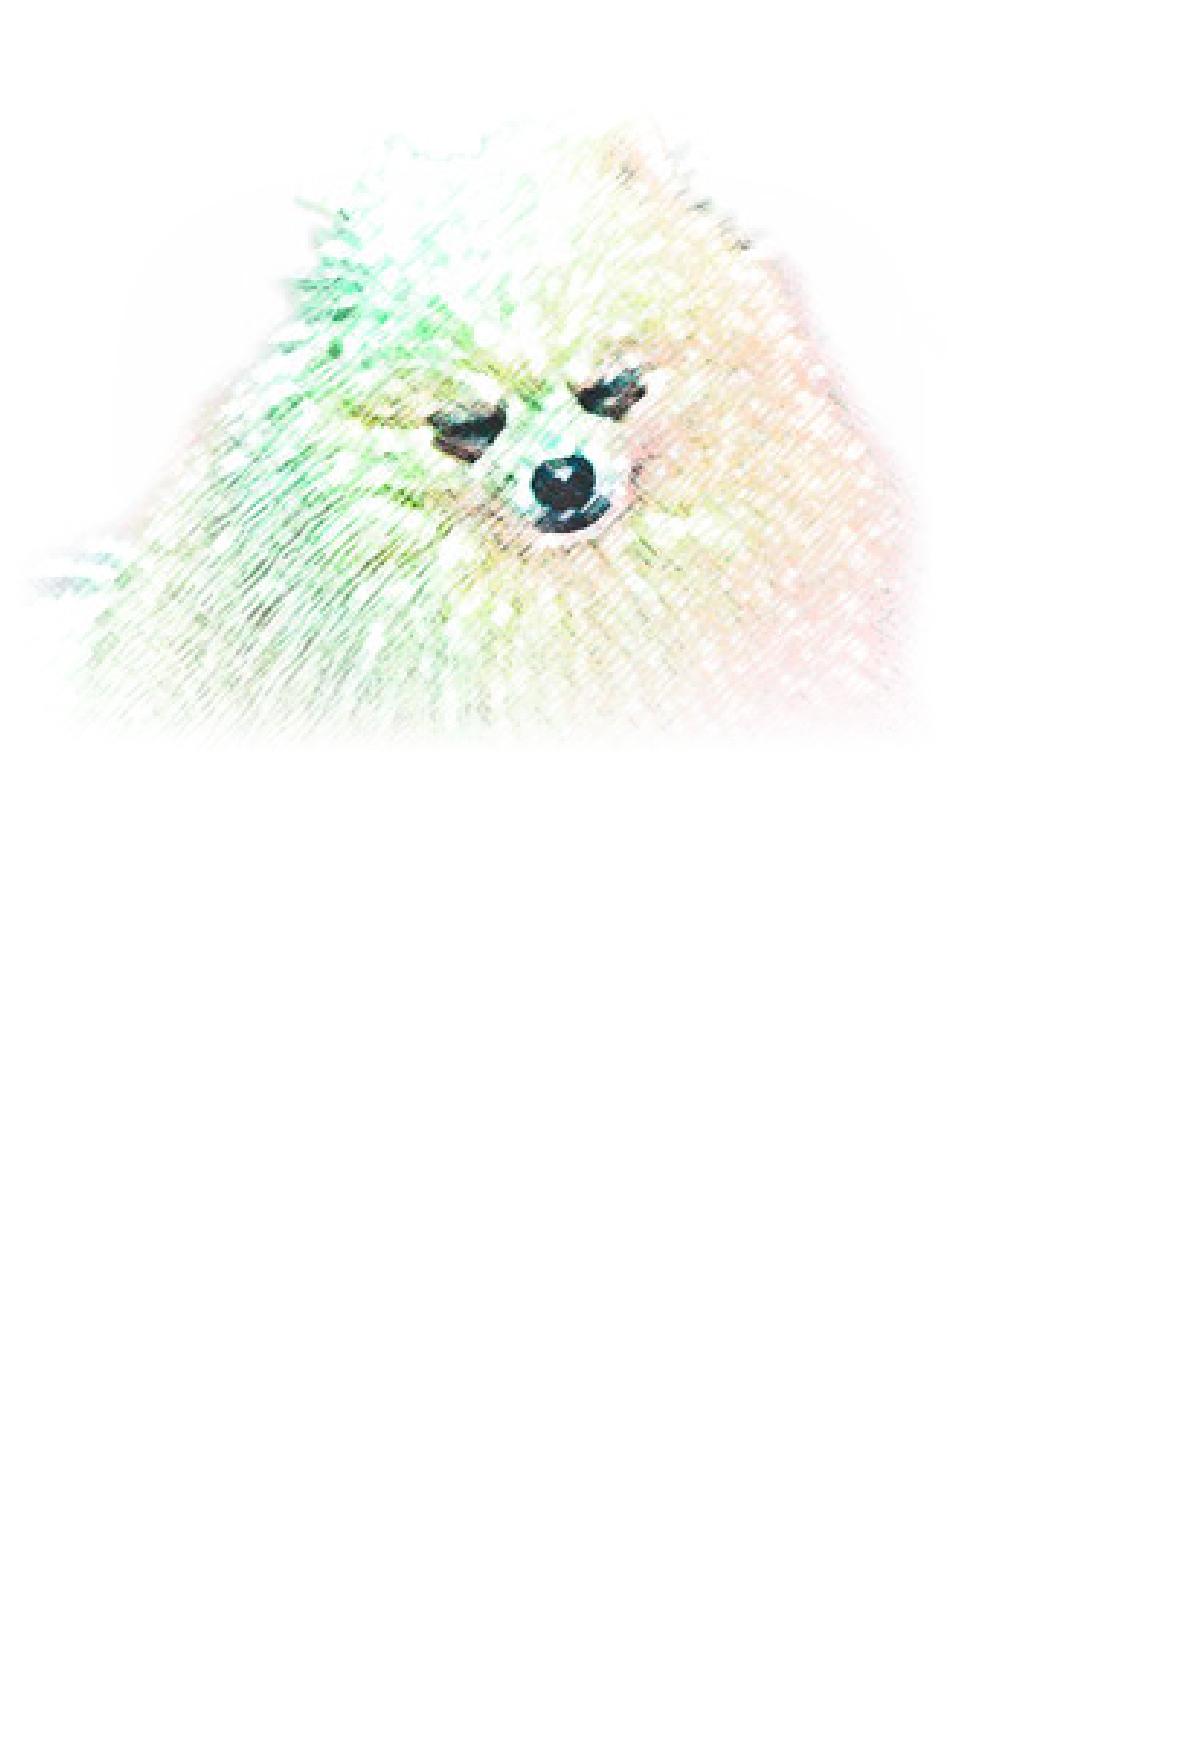 耳の長い犬のイラスト付き(縦書き)(文字なし)